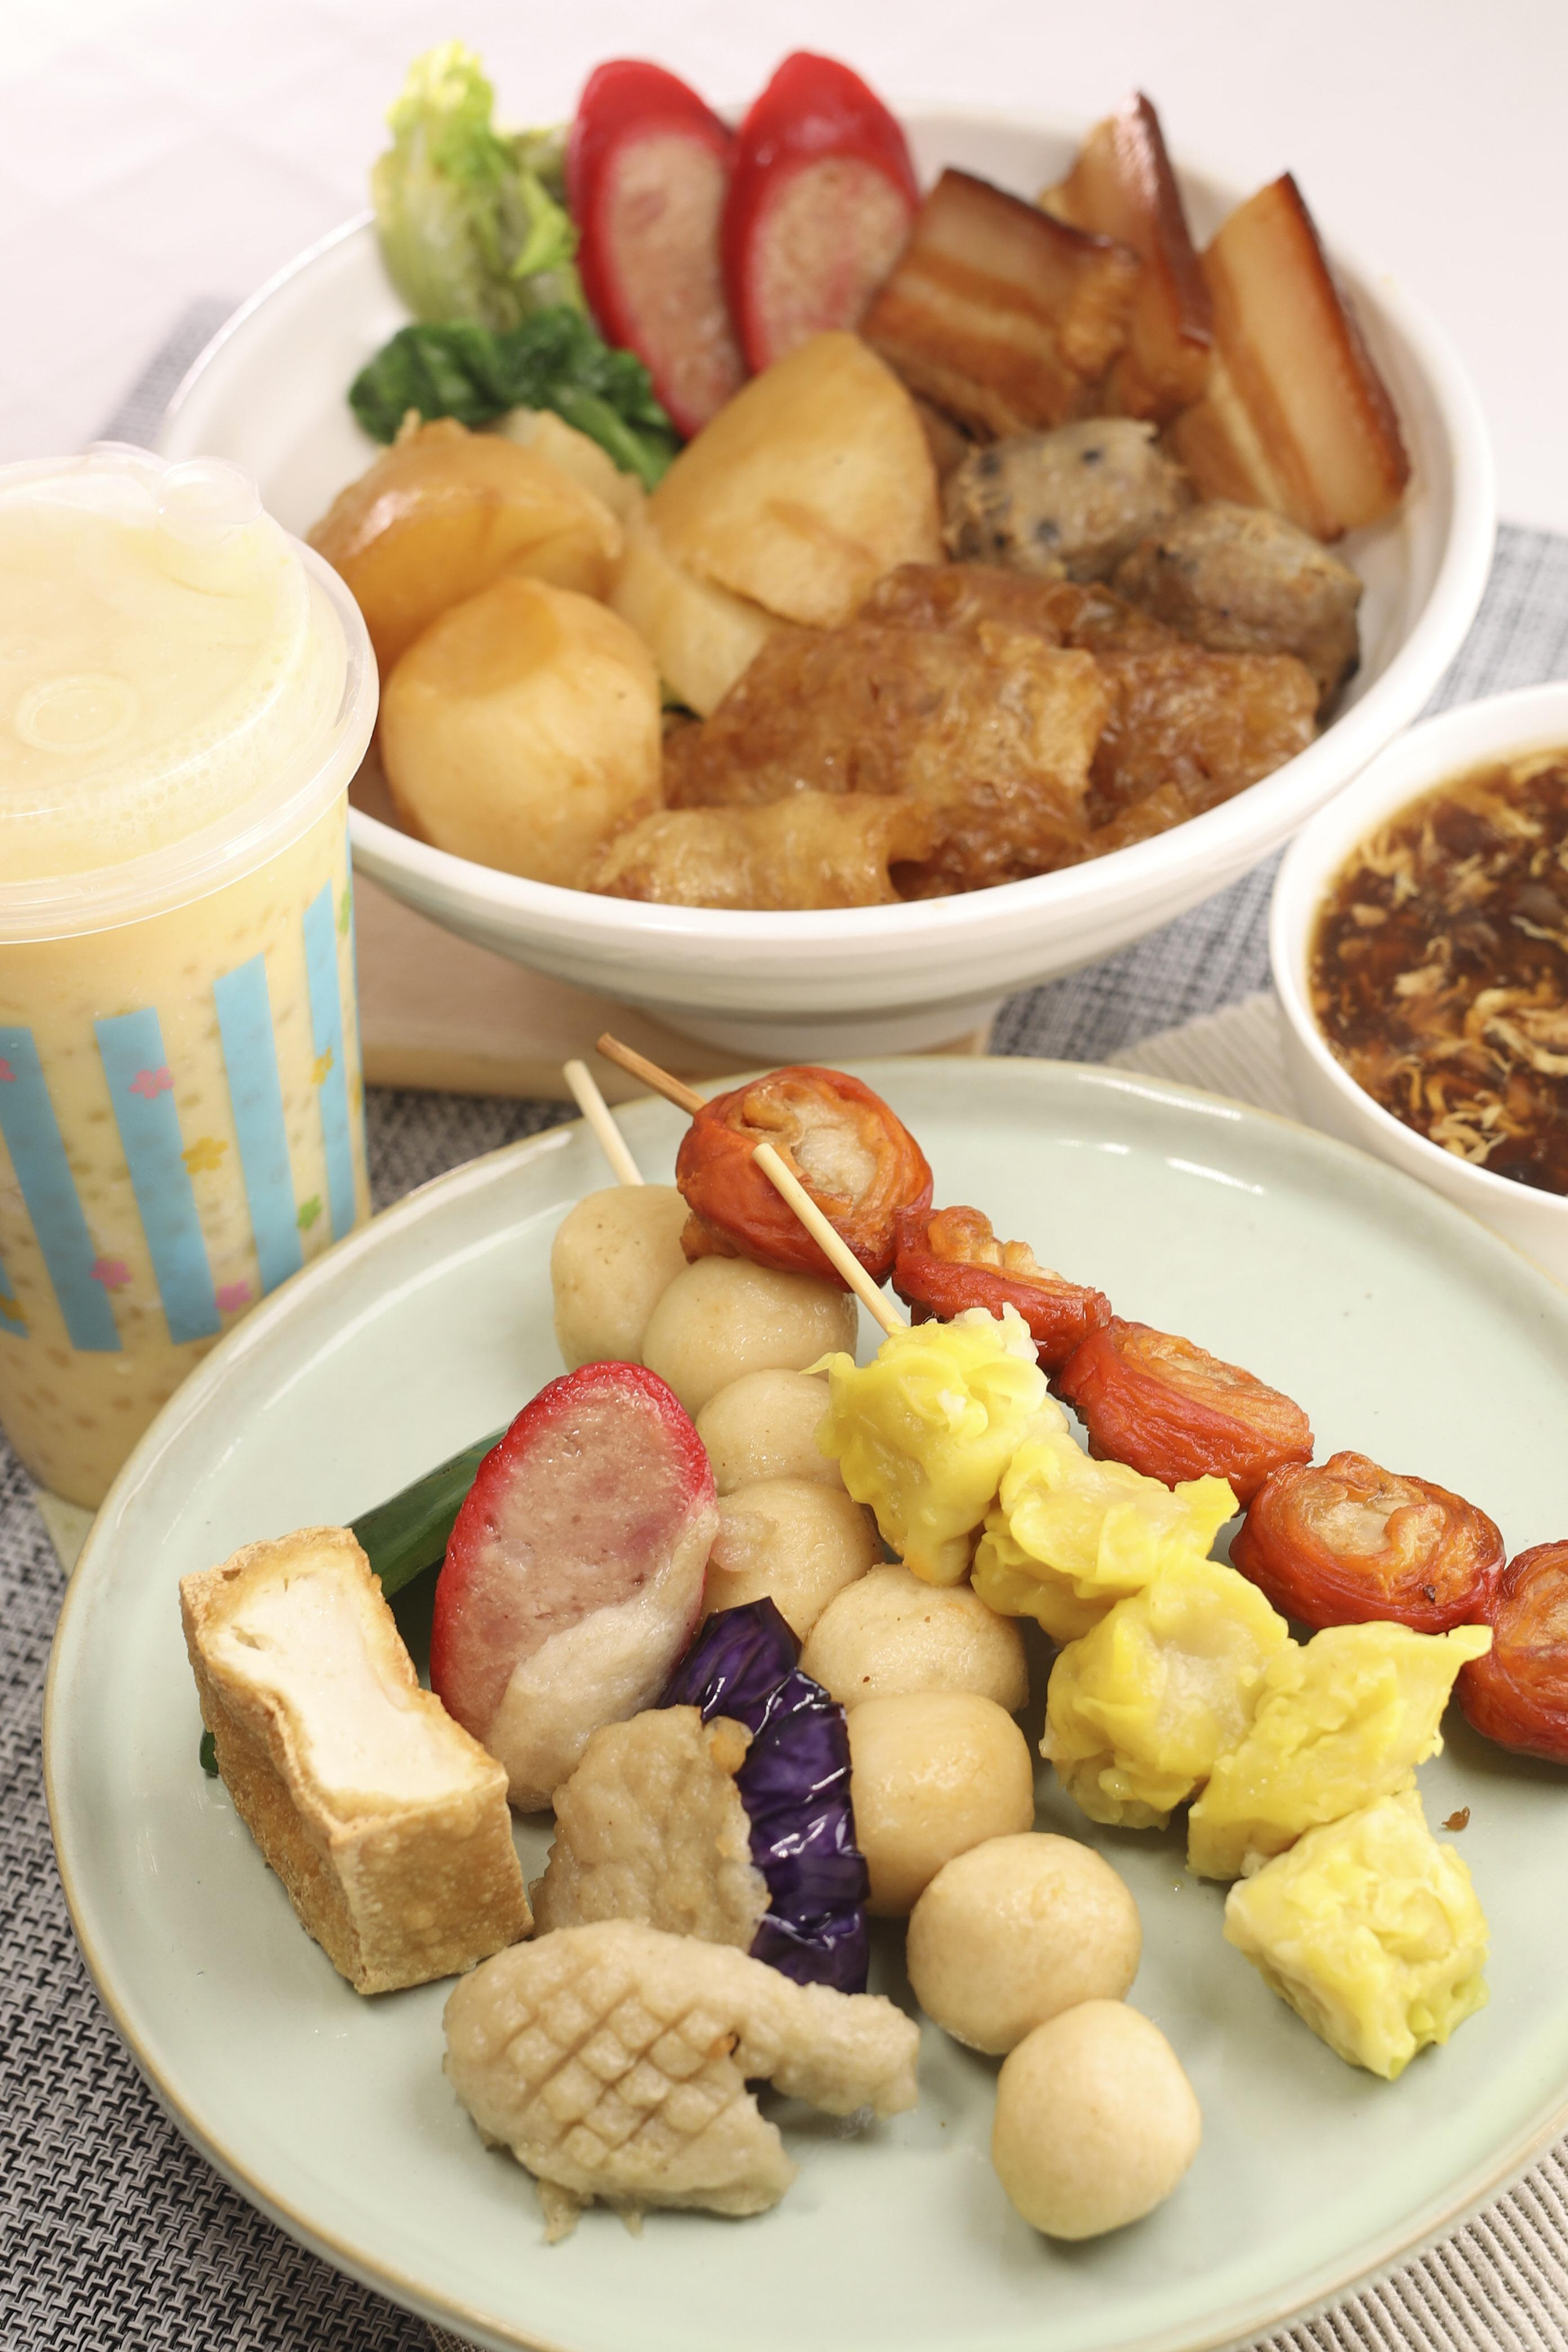 「長發食堂」,有港式傳統車仔麵、地道街頭小吃如煎釀三寶及炸大腸等食物,是市民的消夜勝地。